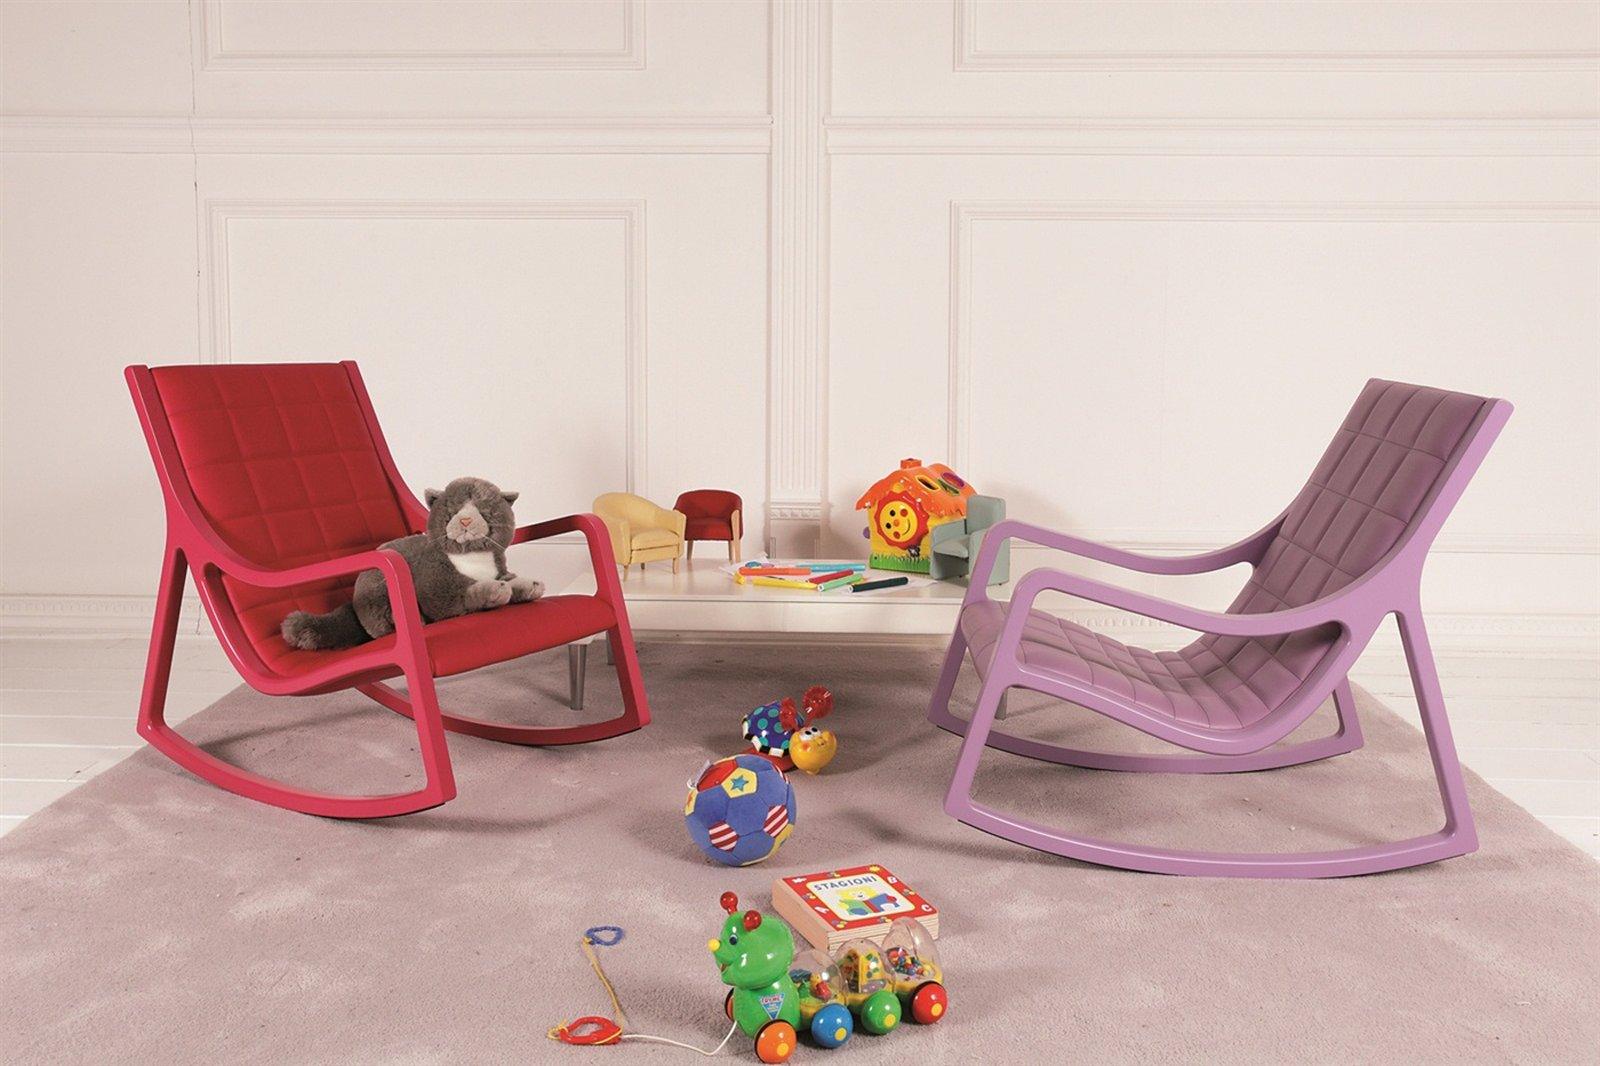 Sedie a dondolo ritorno dal passato cose di casa - La sedia a dondolo ...